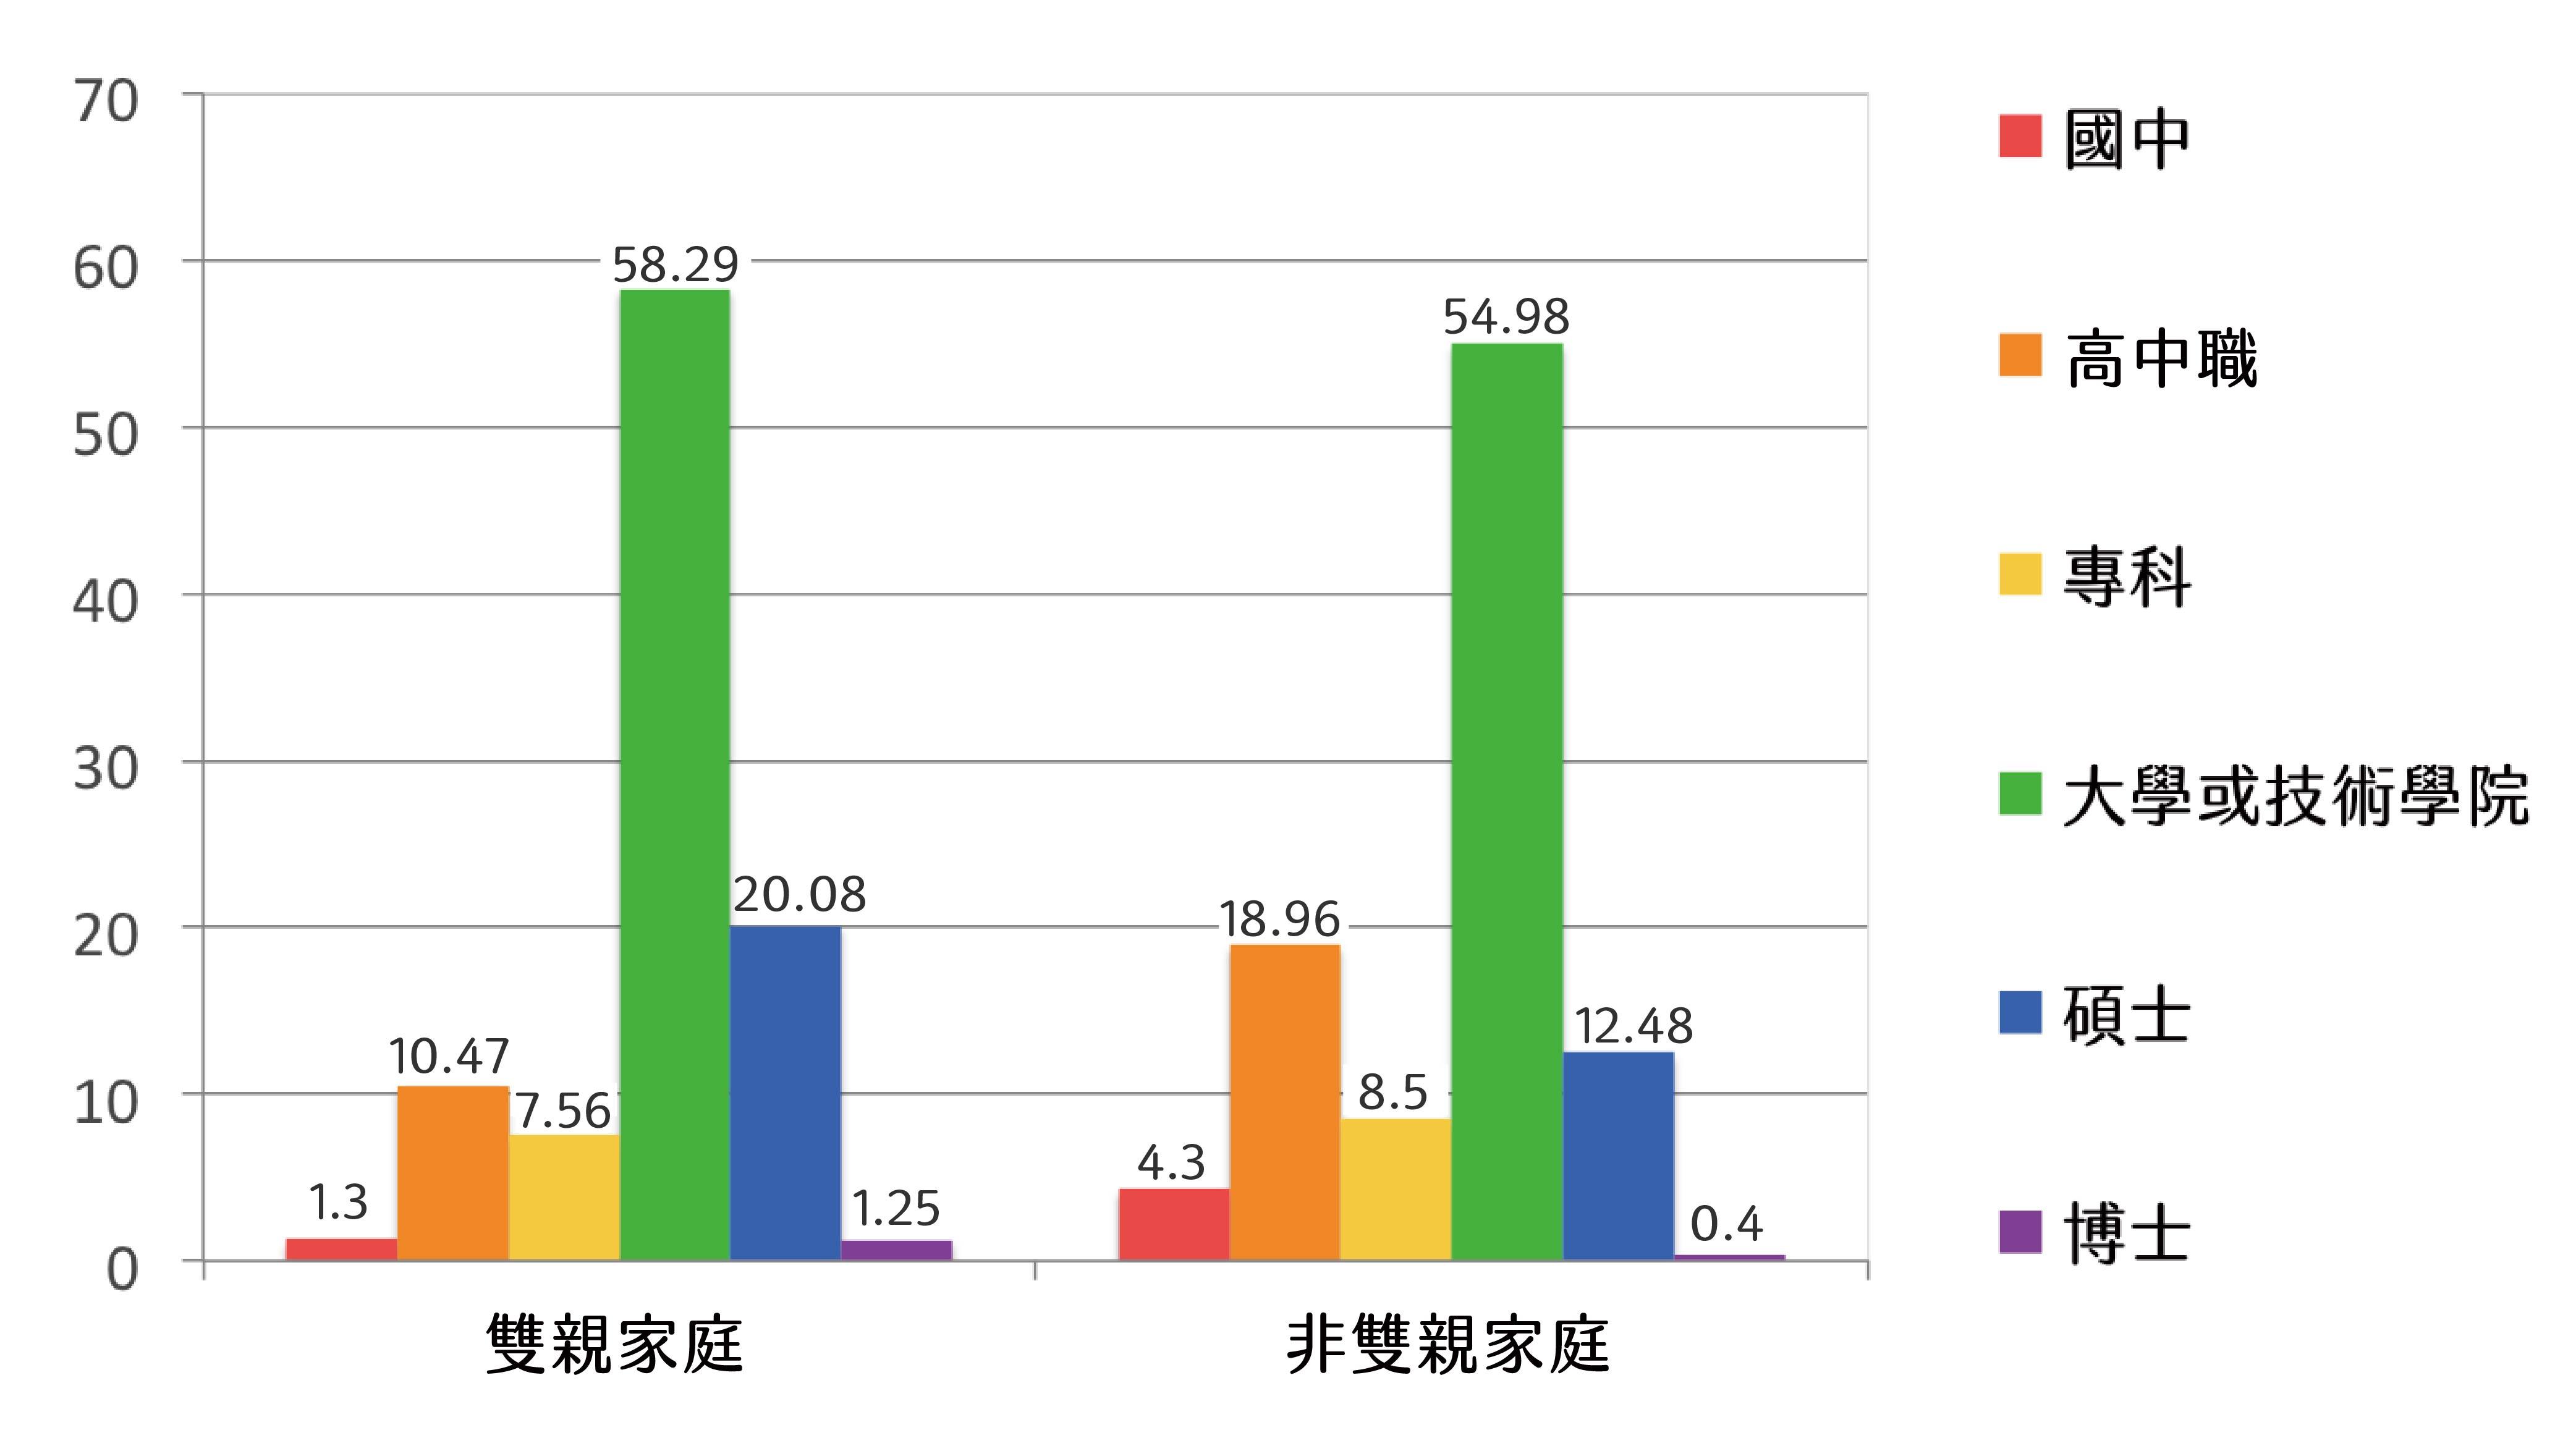 2017 年家庭結構與學業成就(樣本平均 31 歲)資料來源│伊慶春圖表美化│林洵安